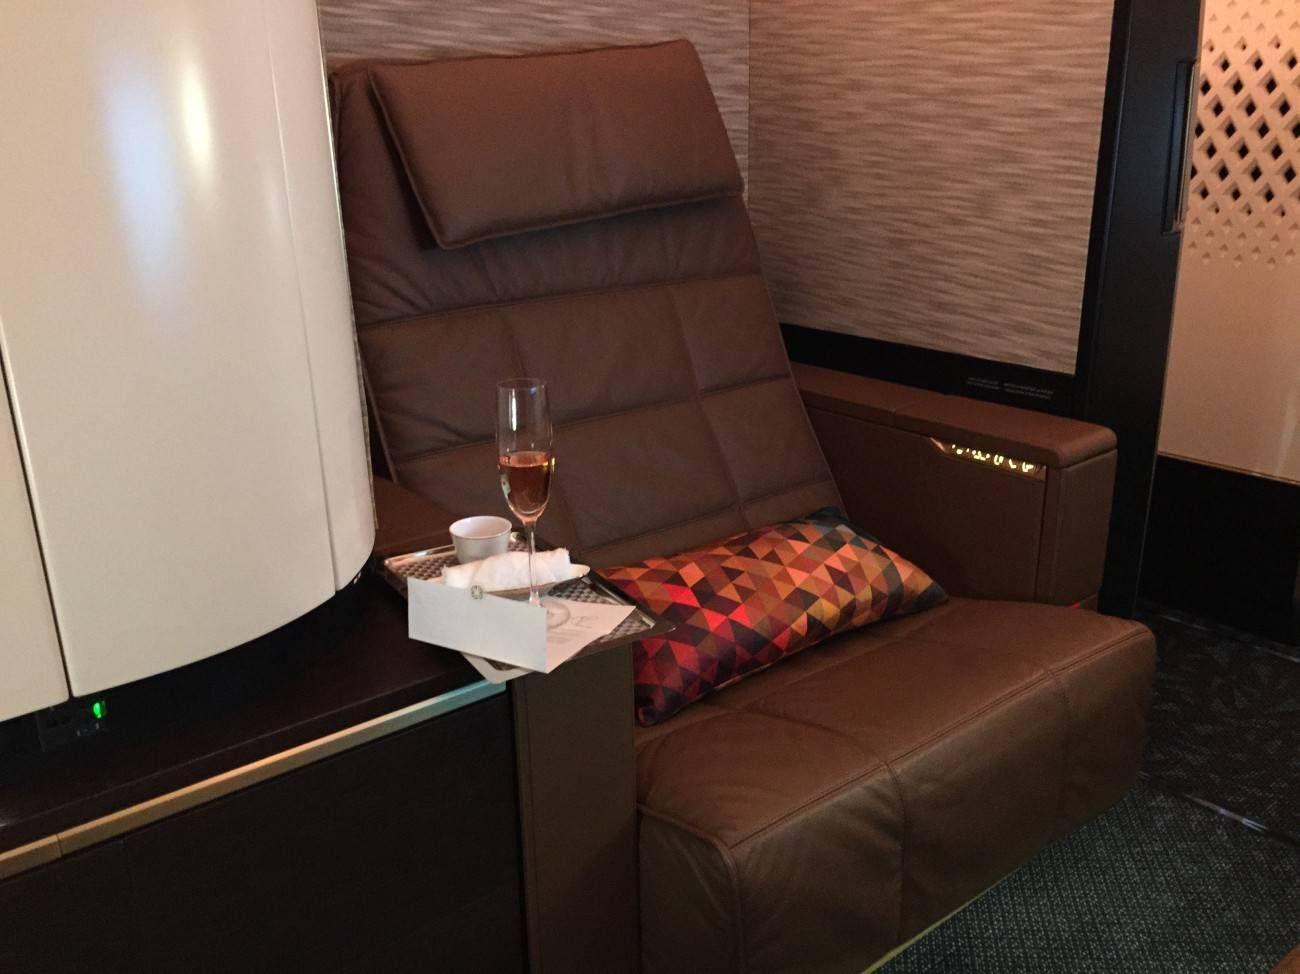 First Class Apartment A380 Etihad - PassageirodePrimeira31